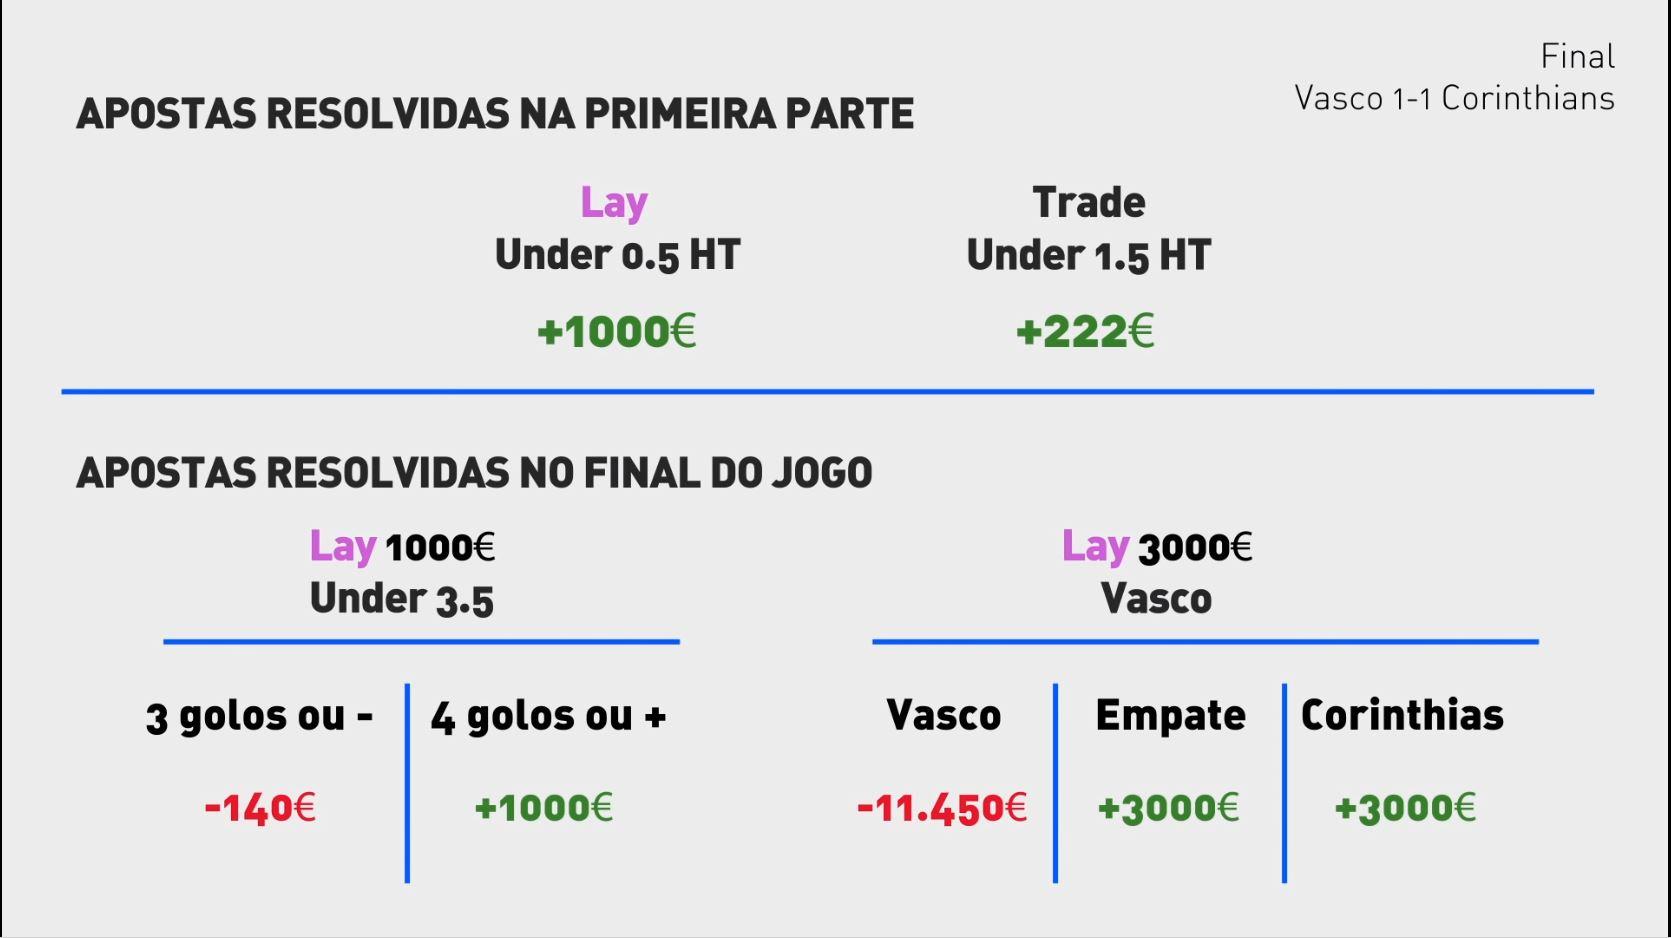 Resumo das apostas e lucro no jogo Vasco vs Corinthians.